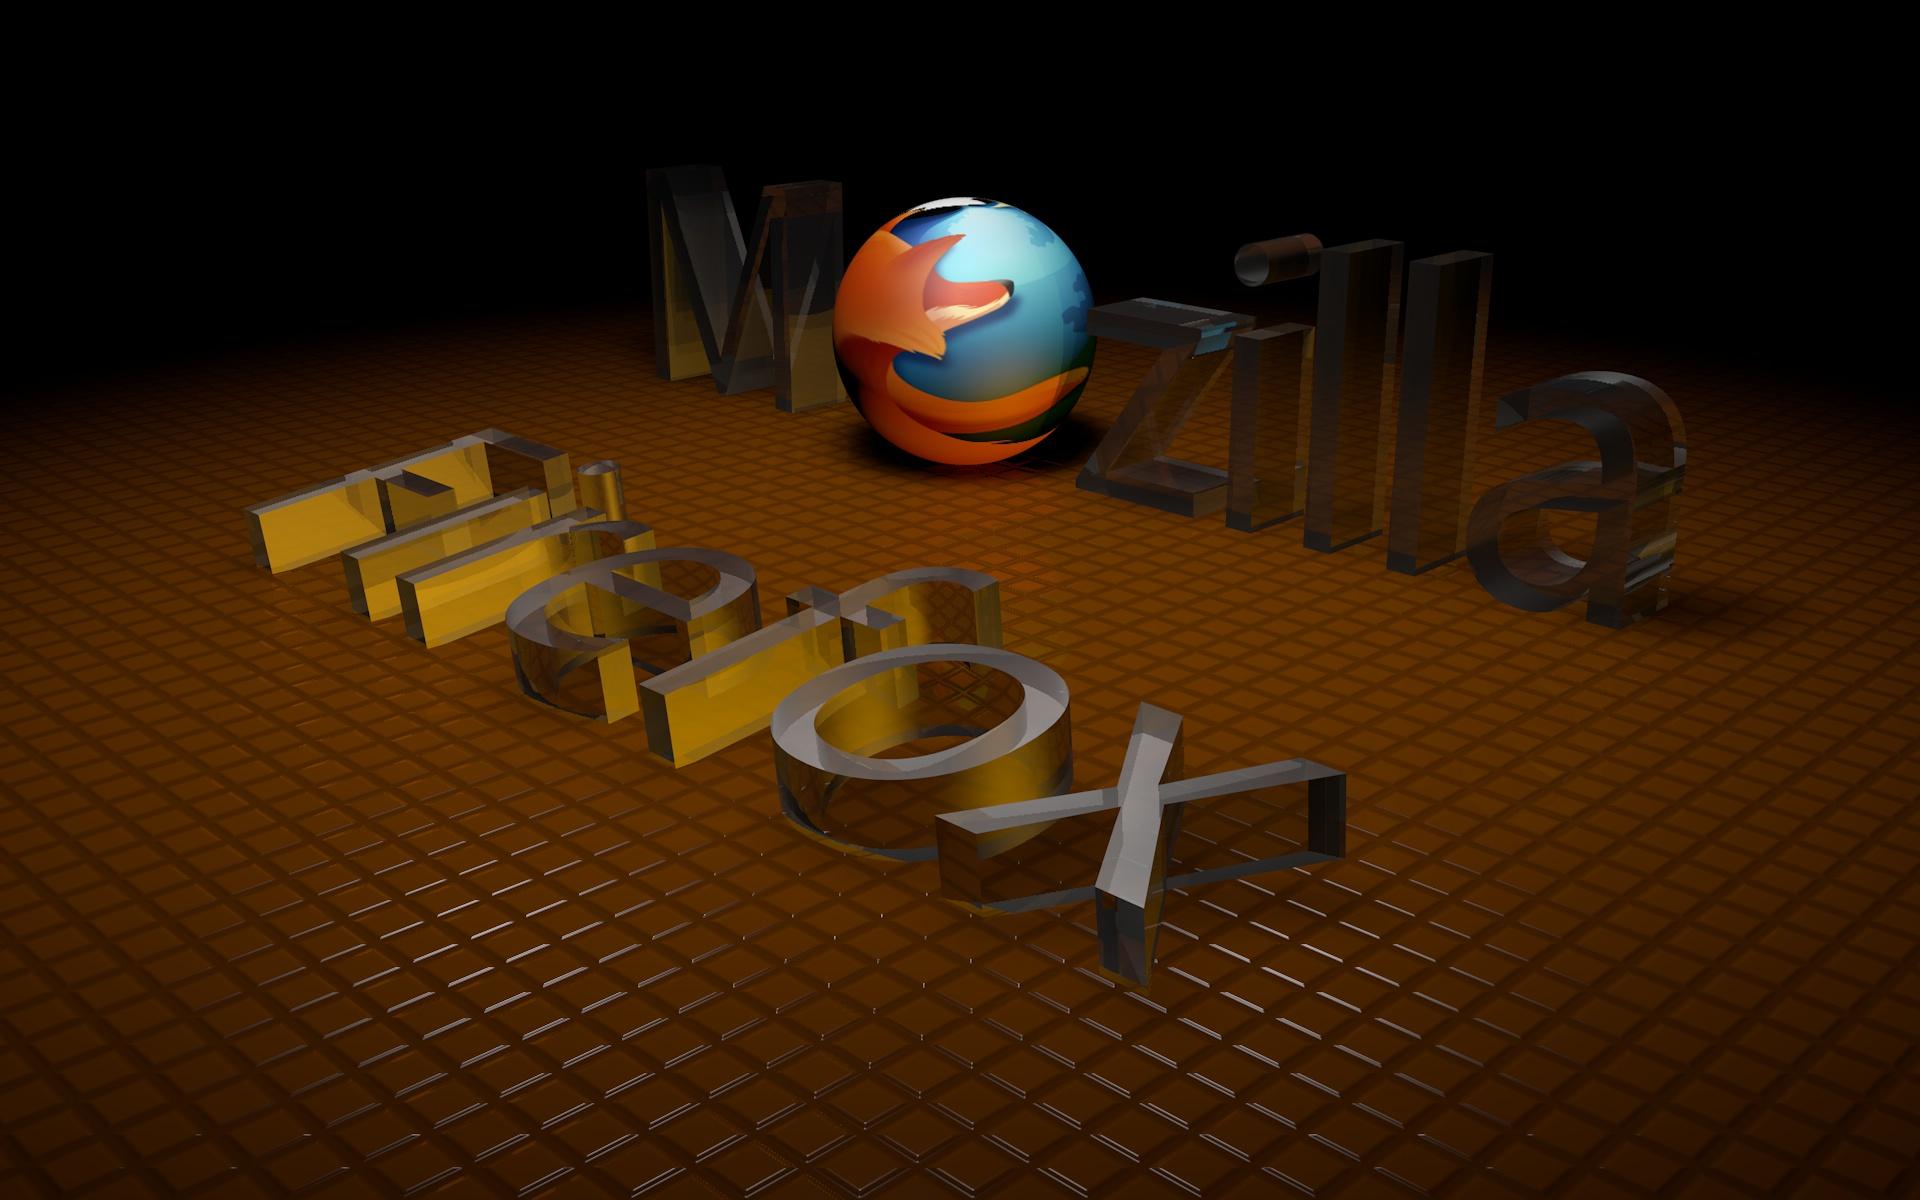 Wallpaper Mozilla Firefox by joancosi